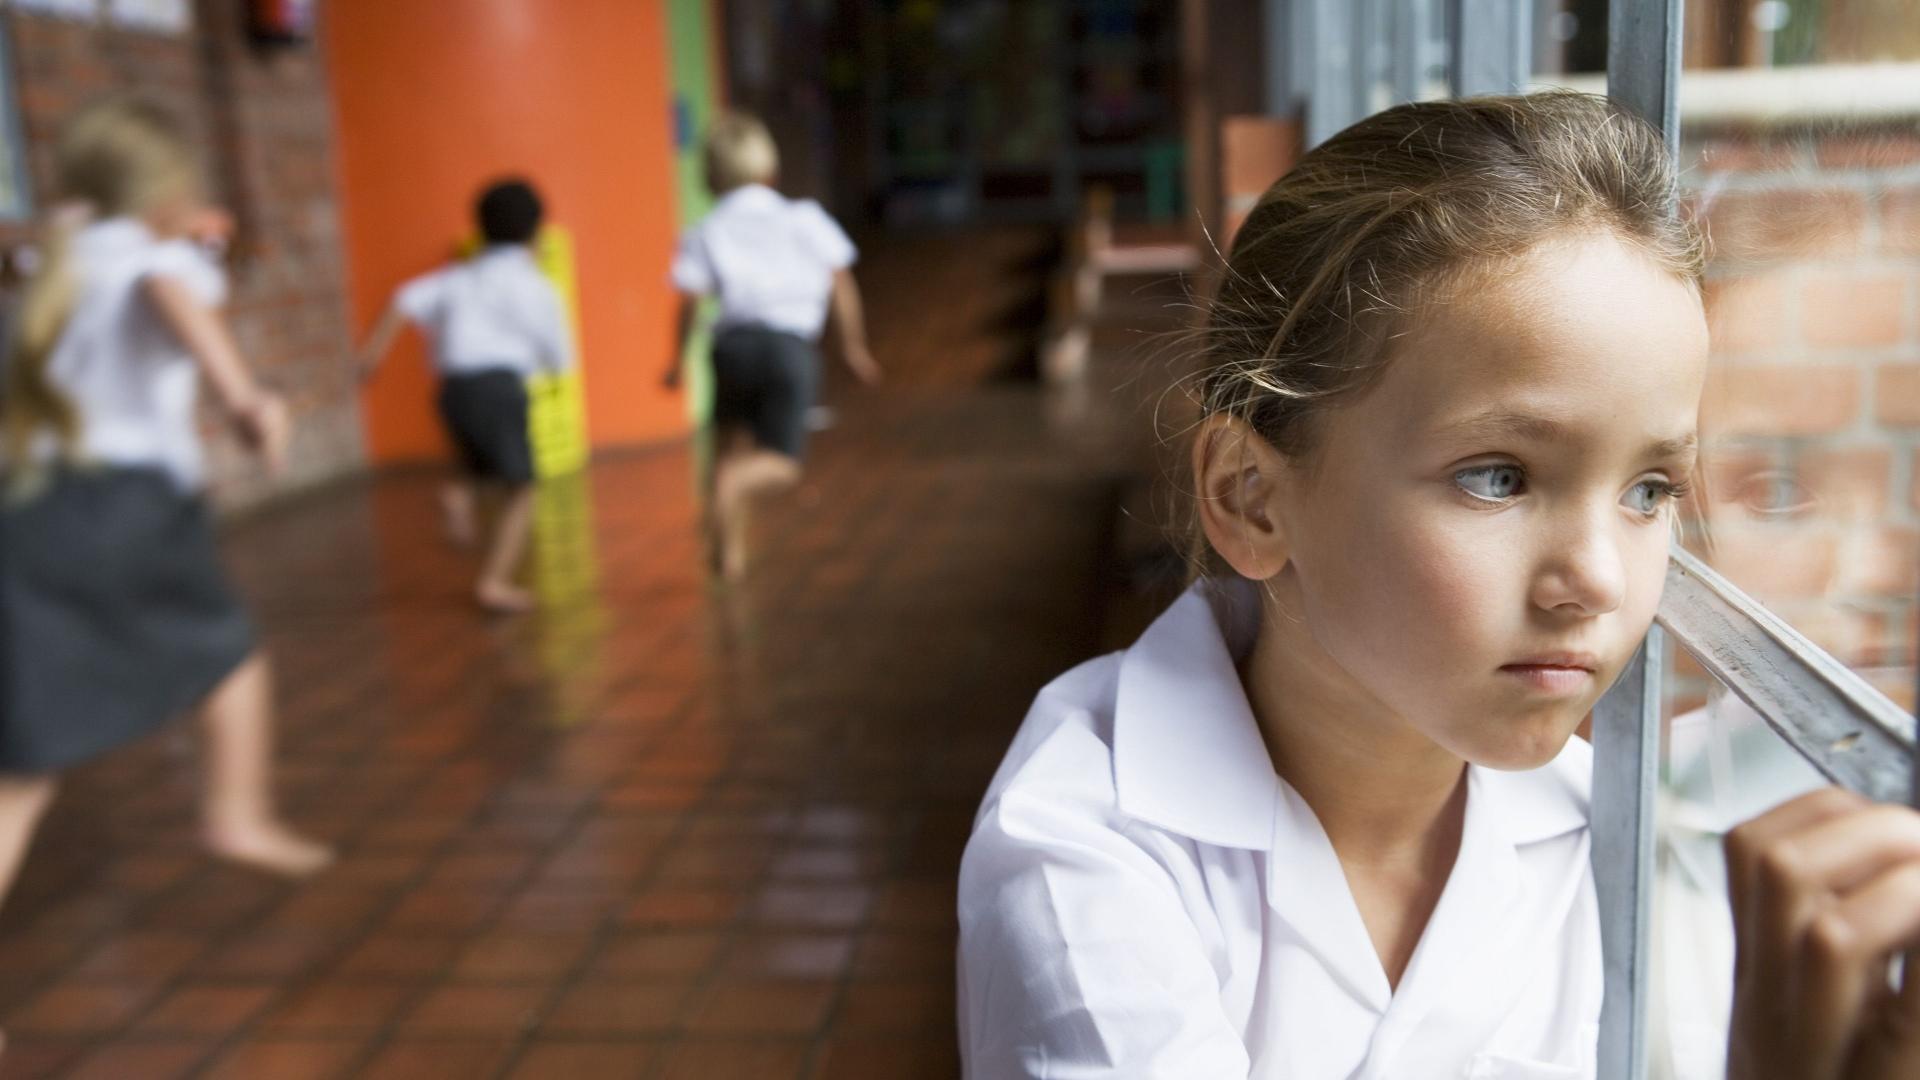 Девочки и девушки-аутисты хуже справляются с повседневными задачами, чем мальчики и юноши